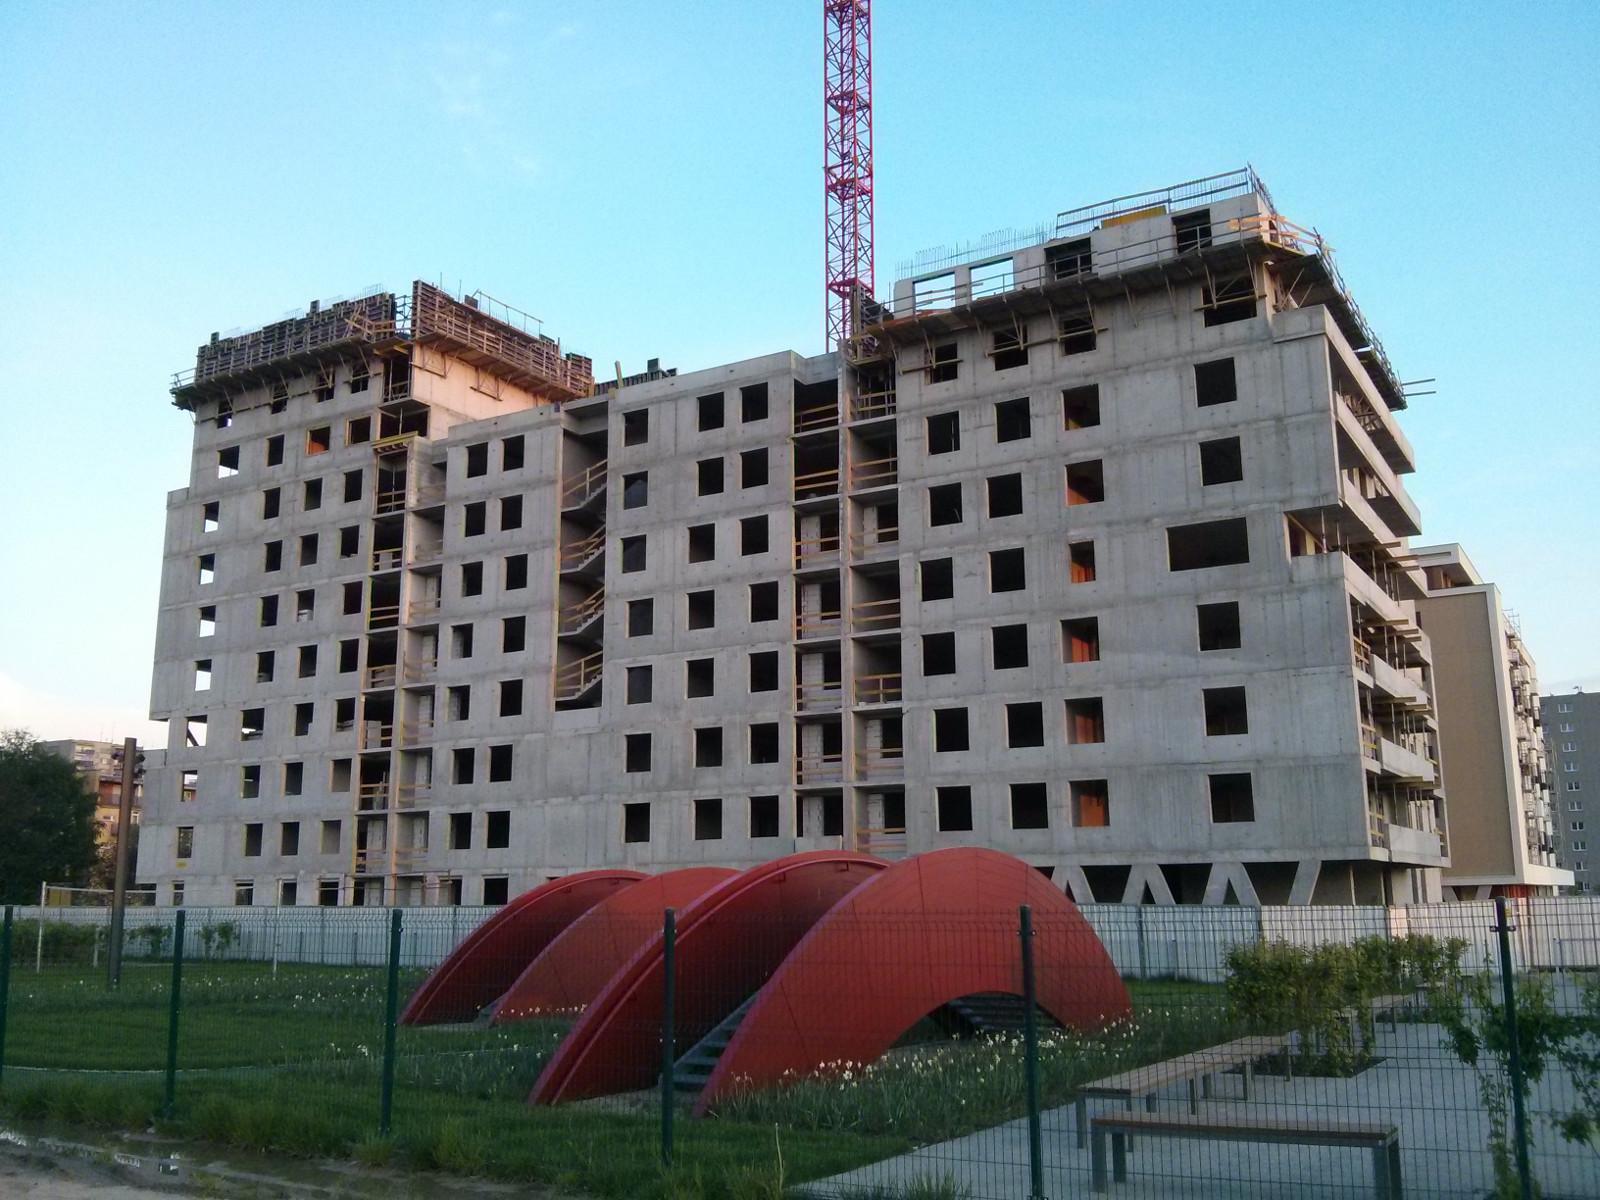 Tanie mieszkania od Budimexu w Krakowie - osiedle Avia 2 z MdM